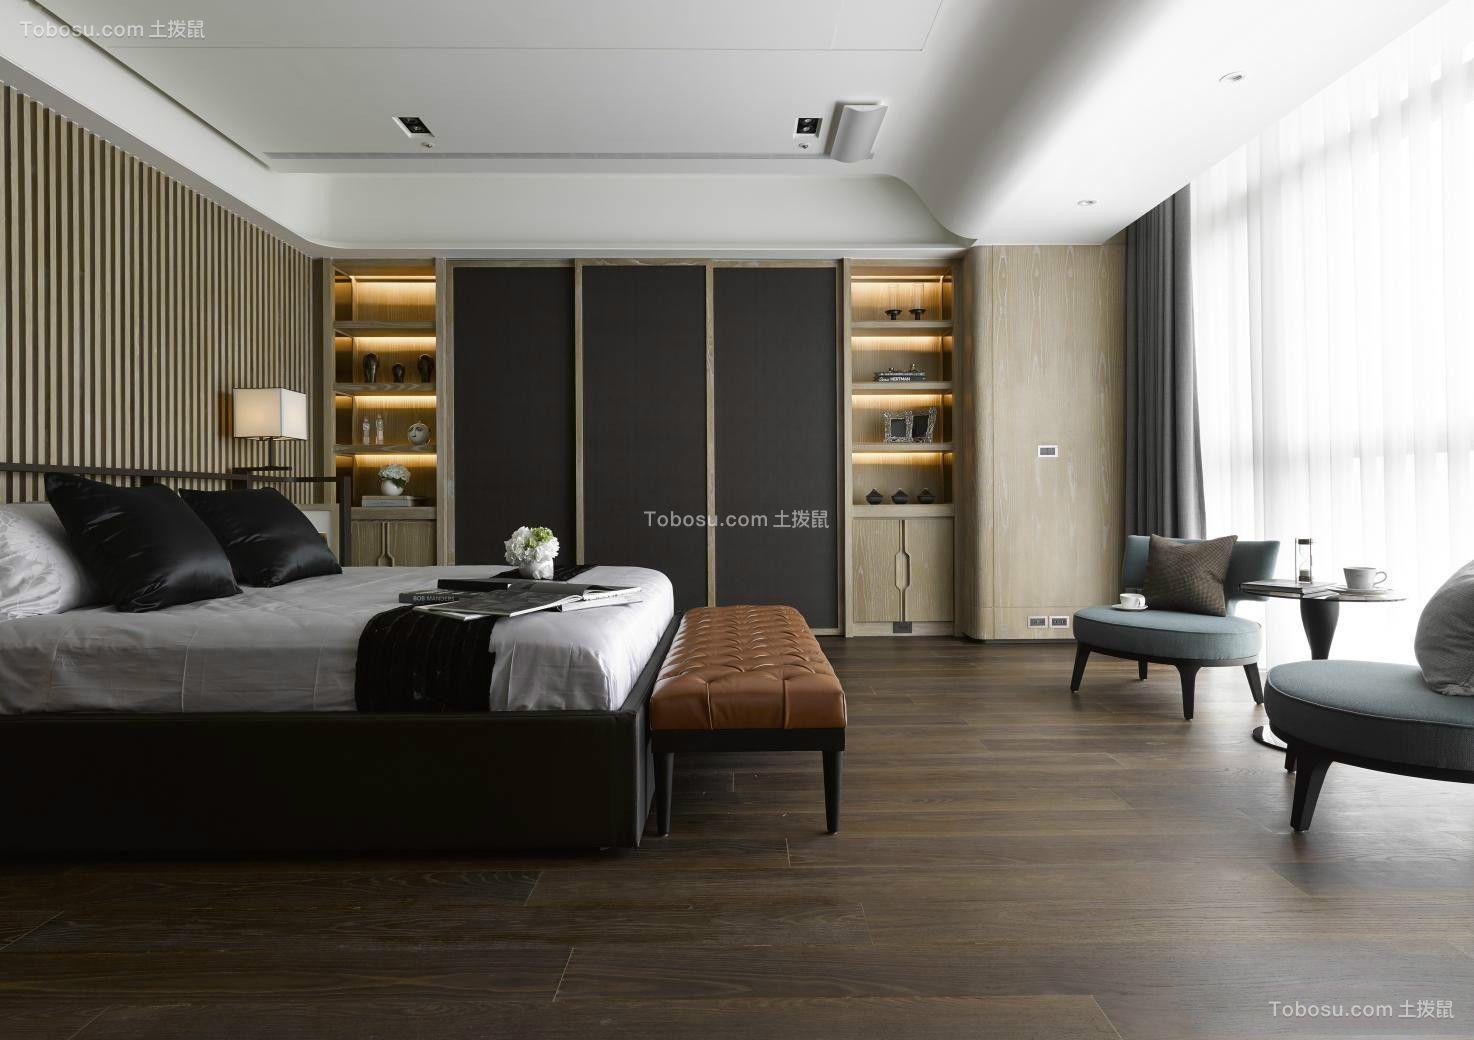 沉稳卧室床设计图欣赏